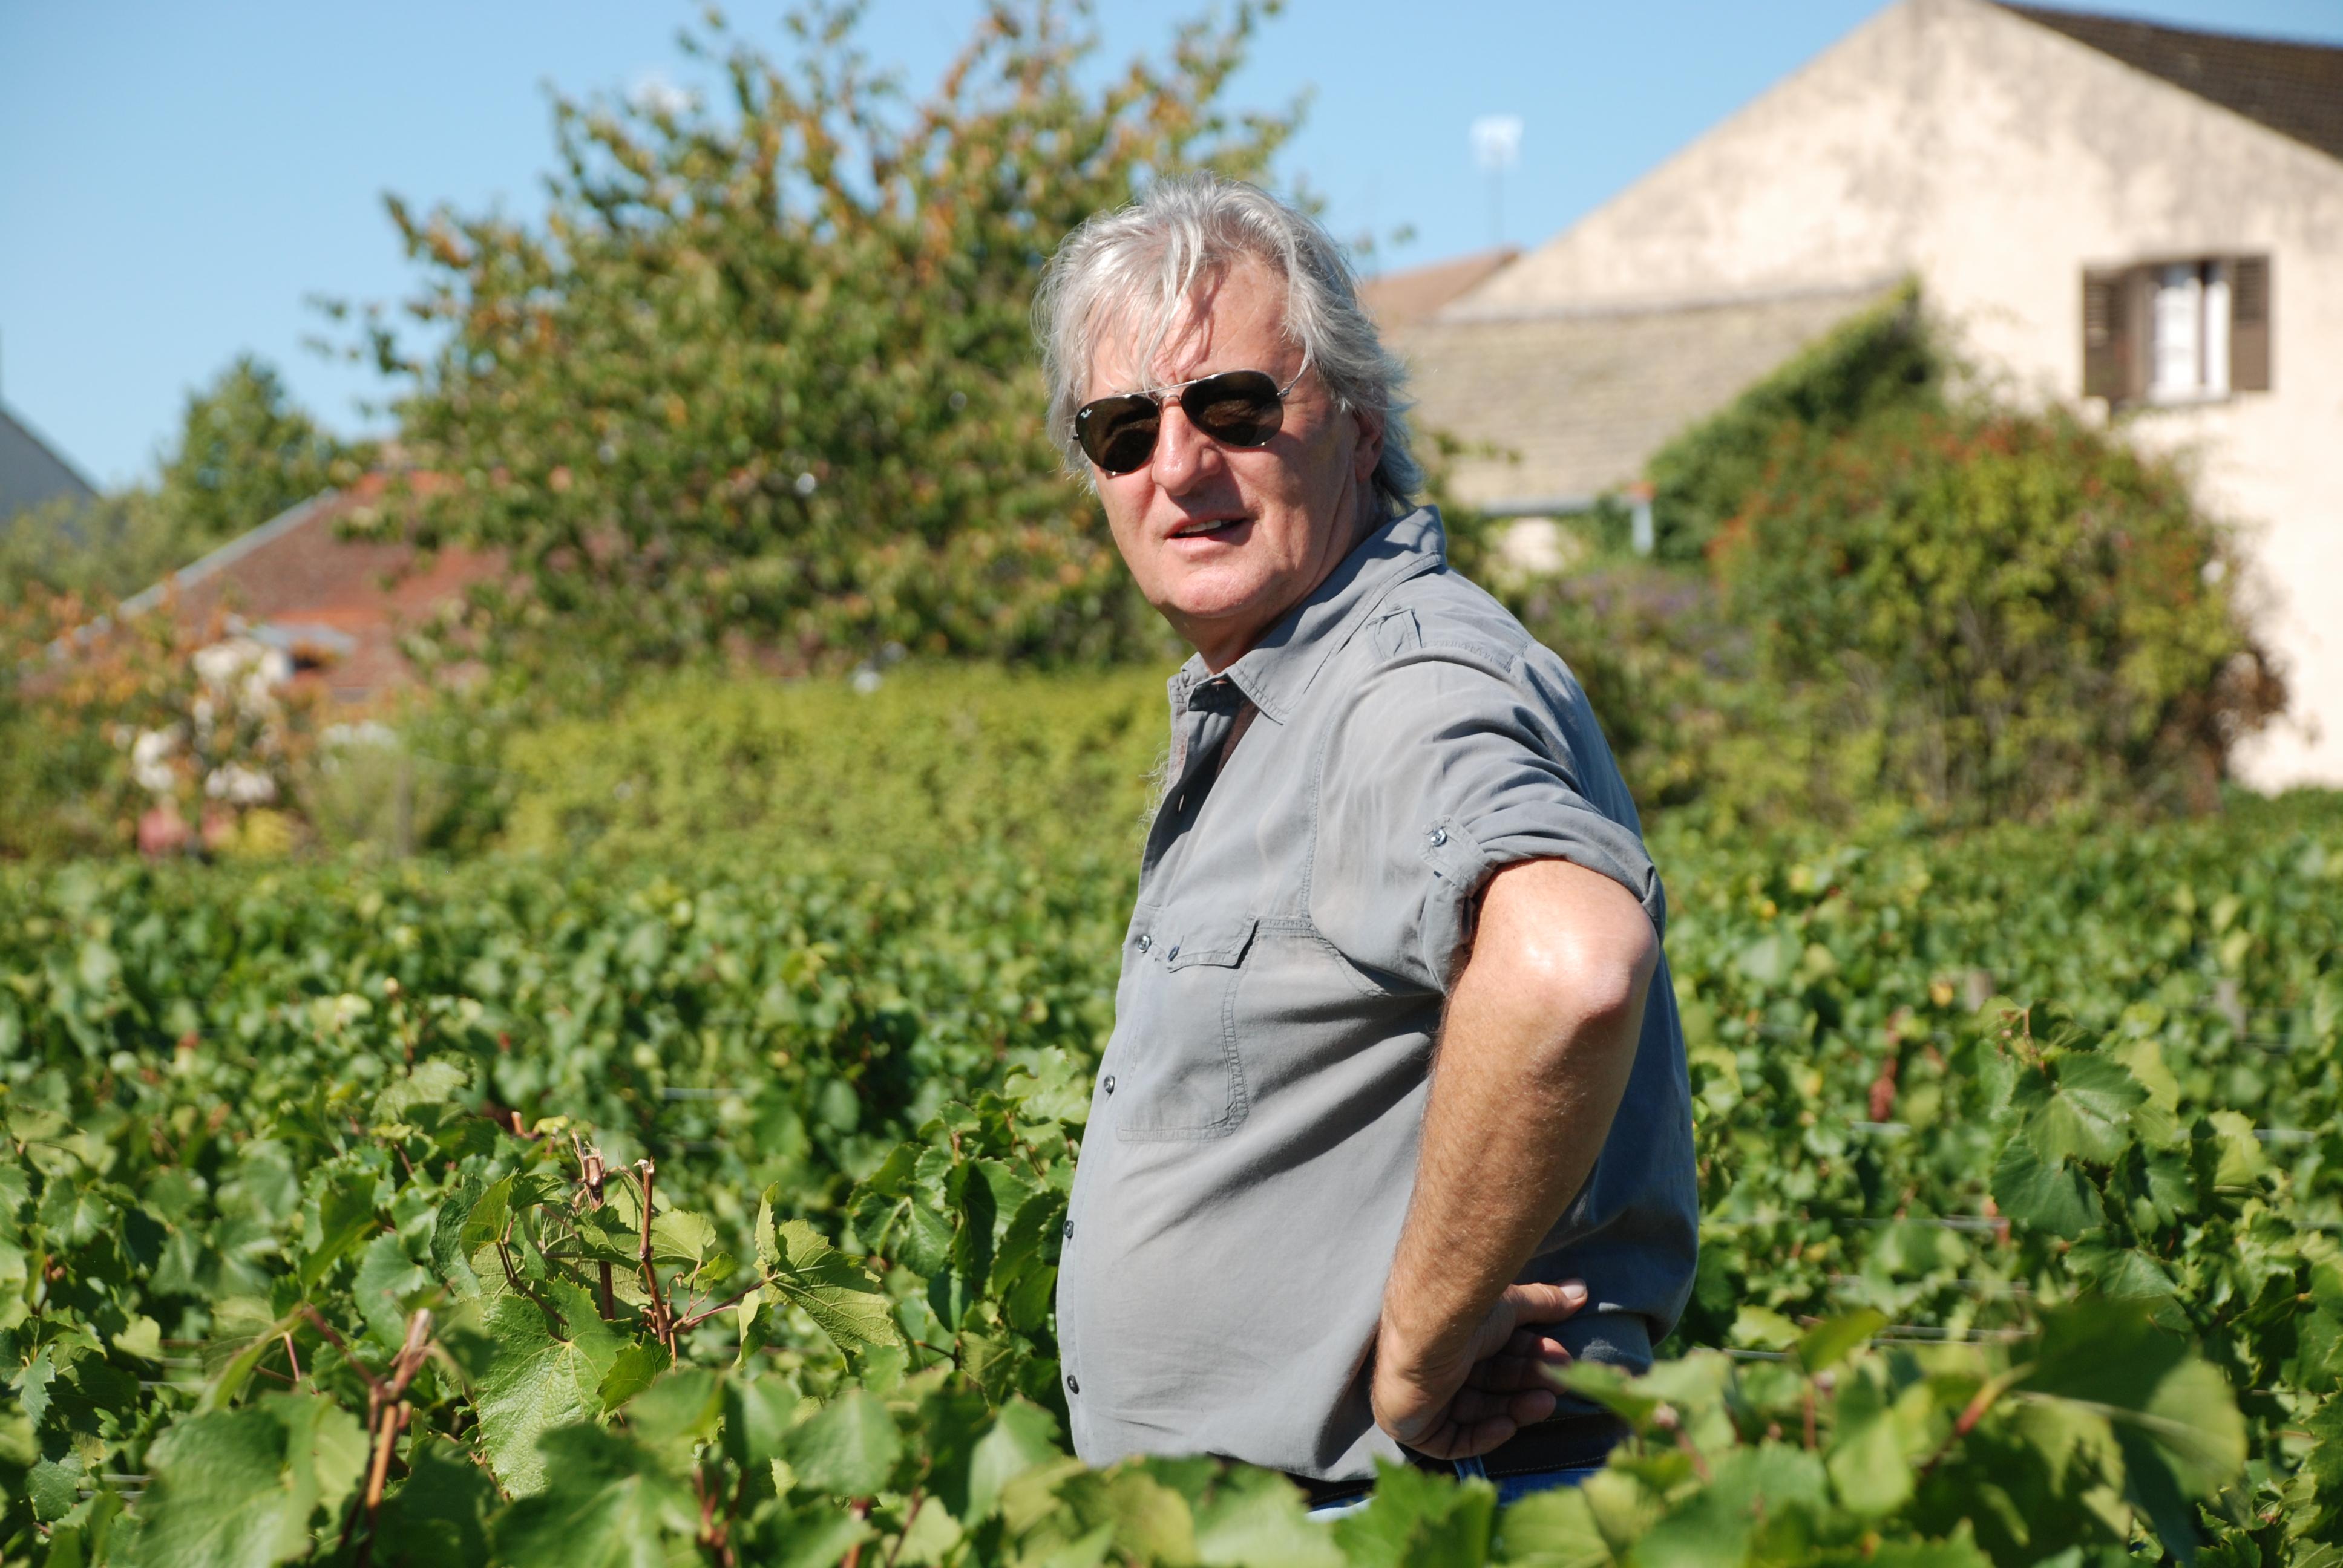 Marc Rougeot is de wijngaard